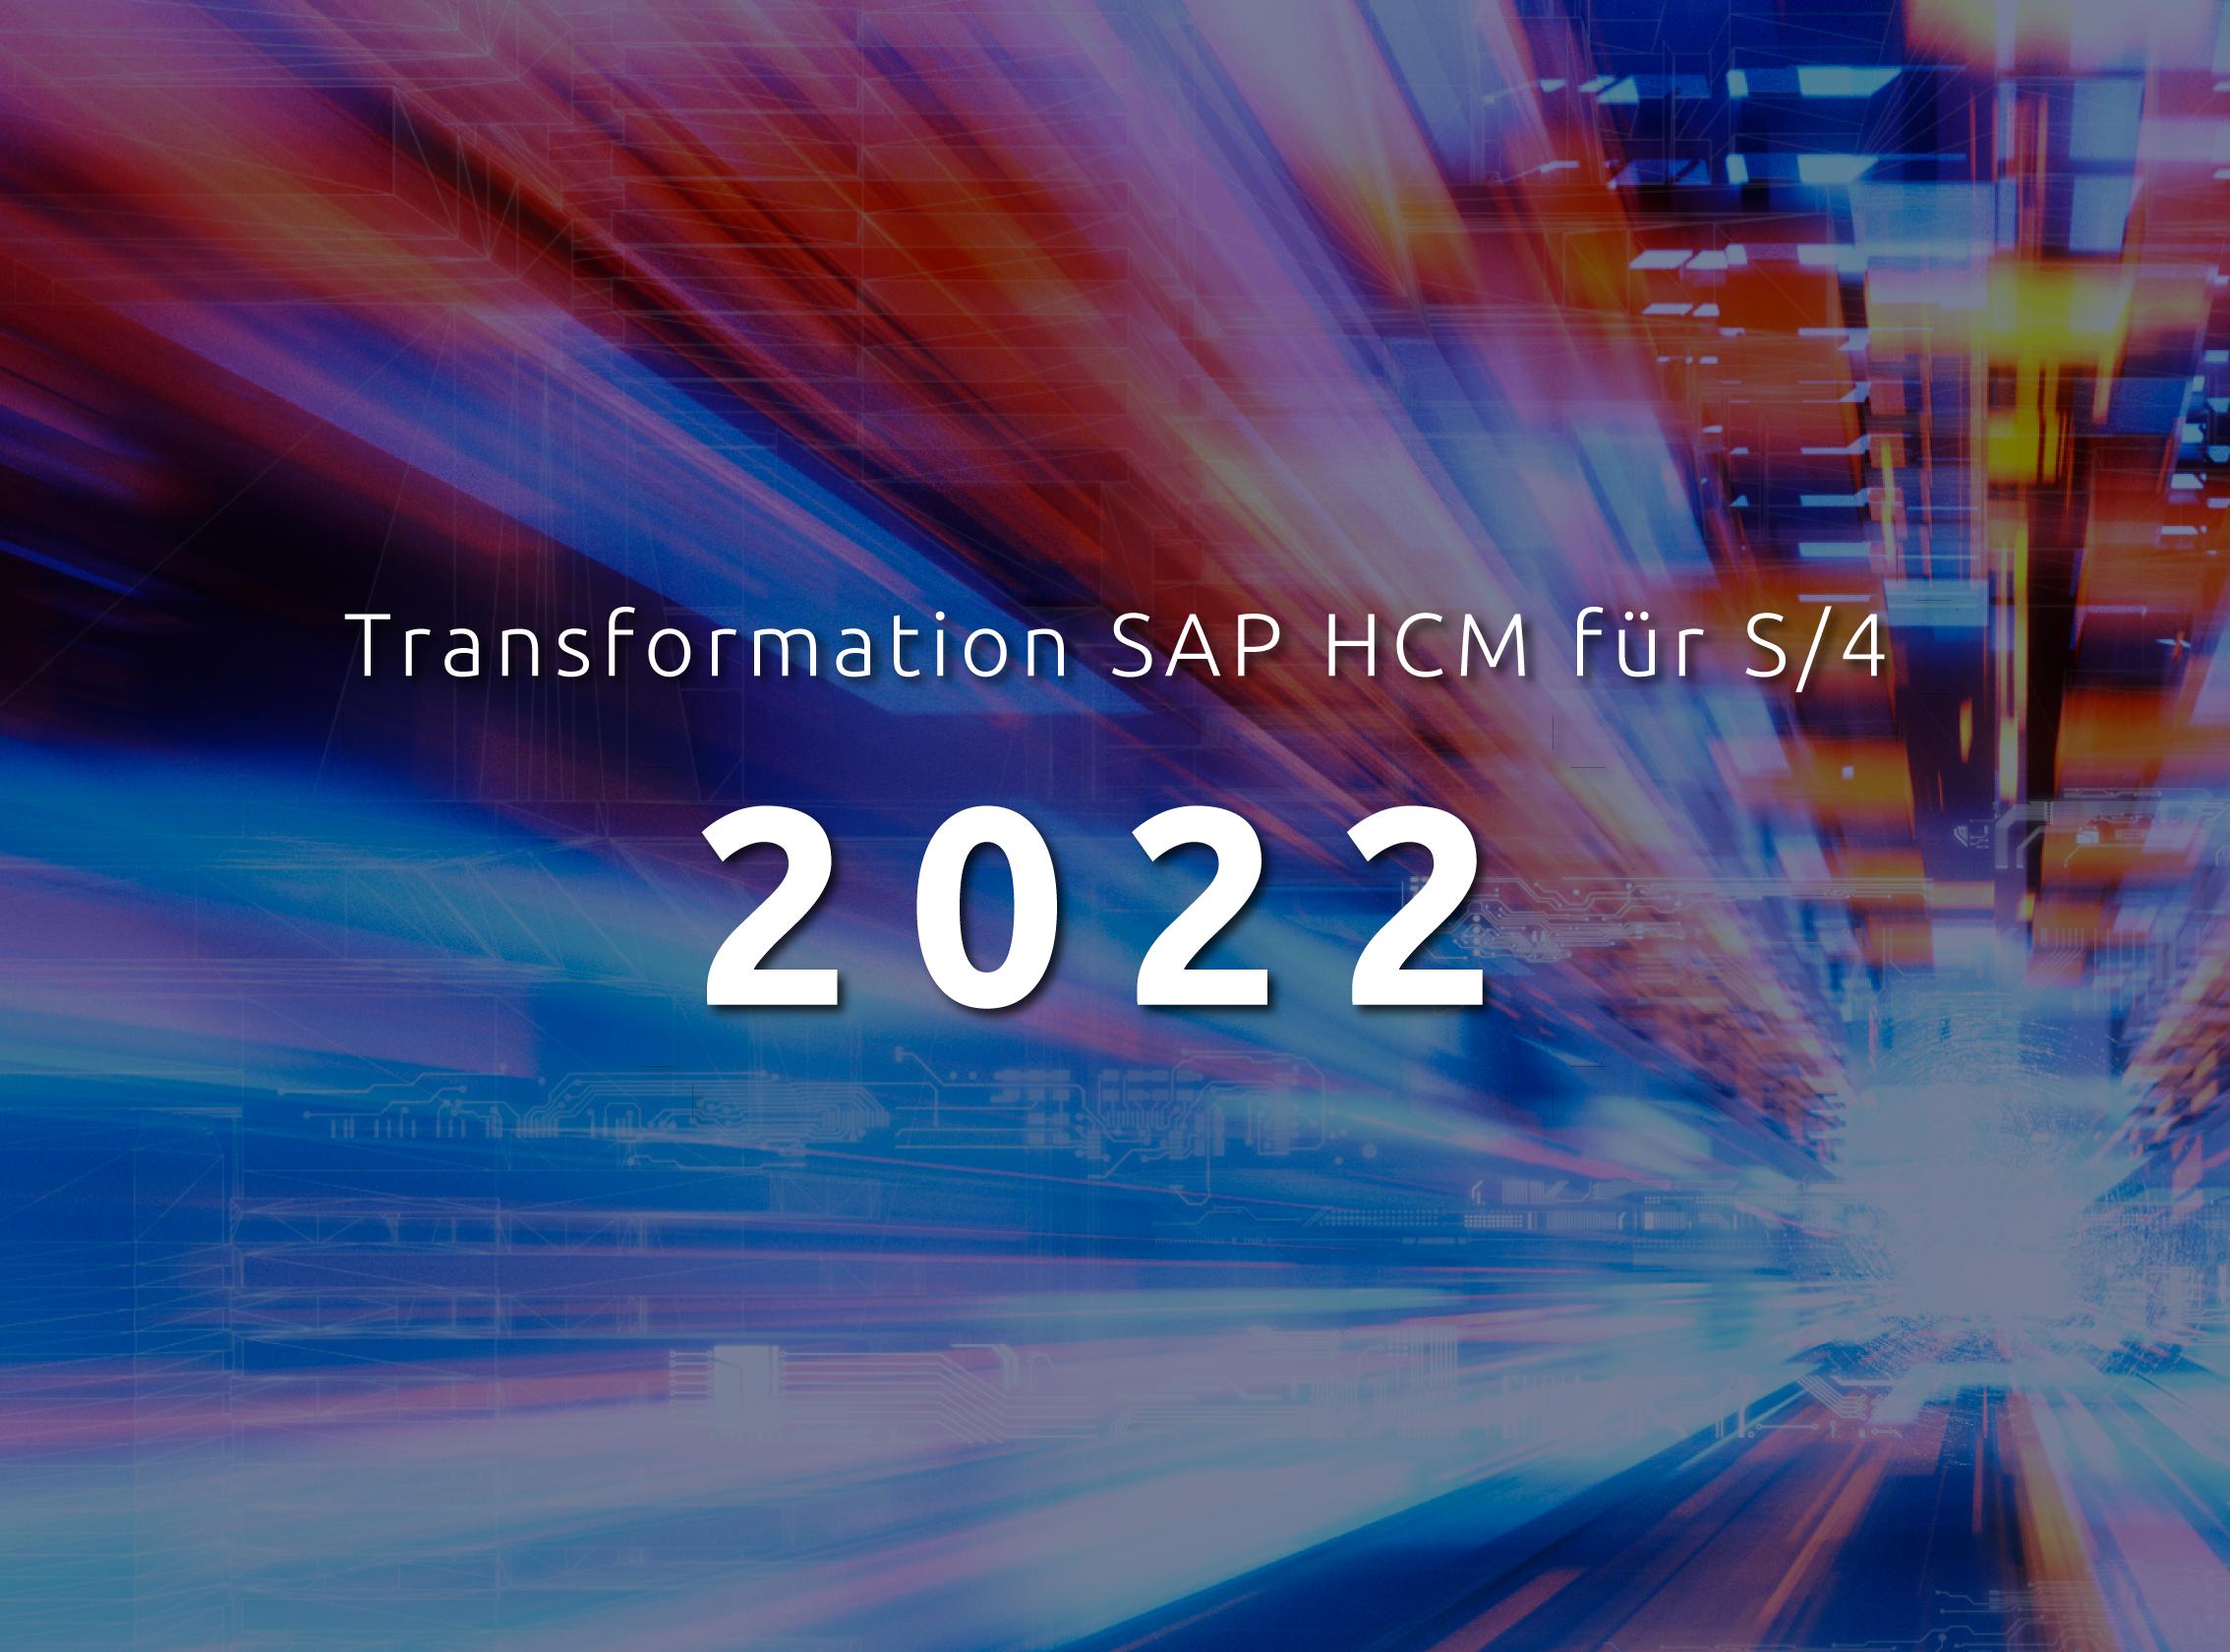 Transformation SAP HCM für S/4 - aus SAP HCM 2023 wird SAP HCM 2022